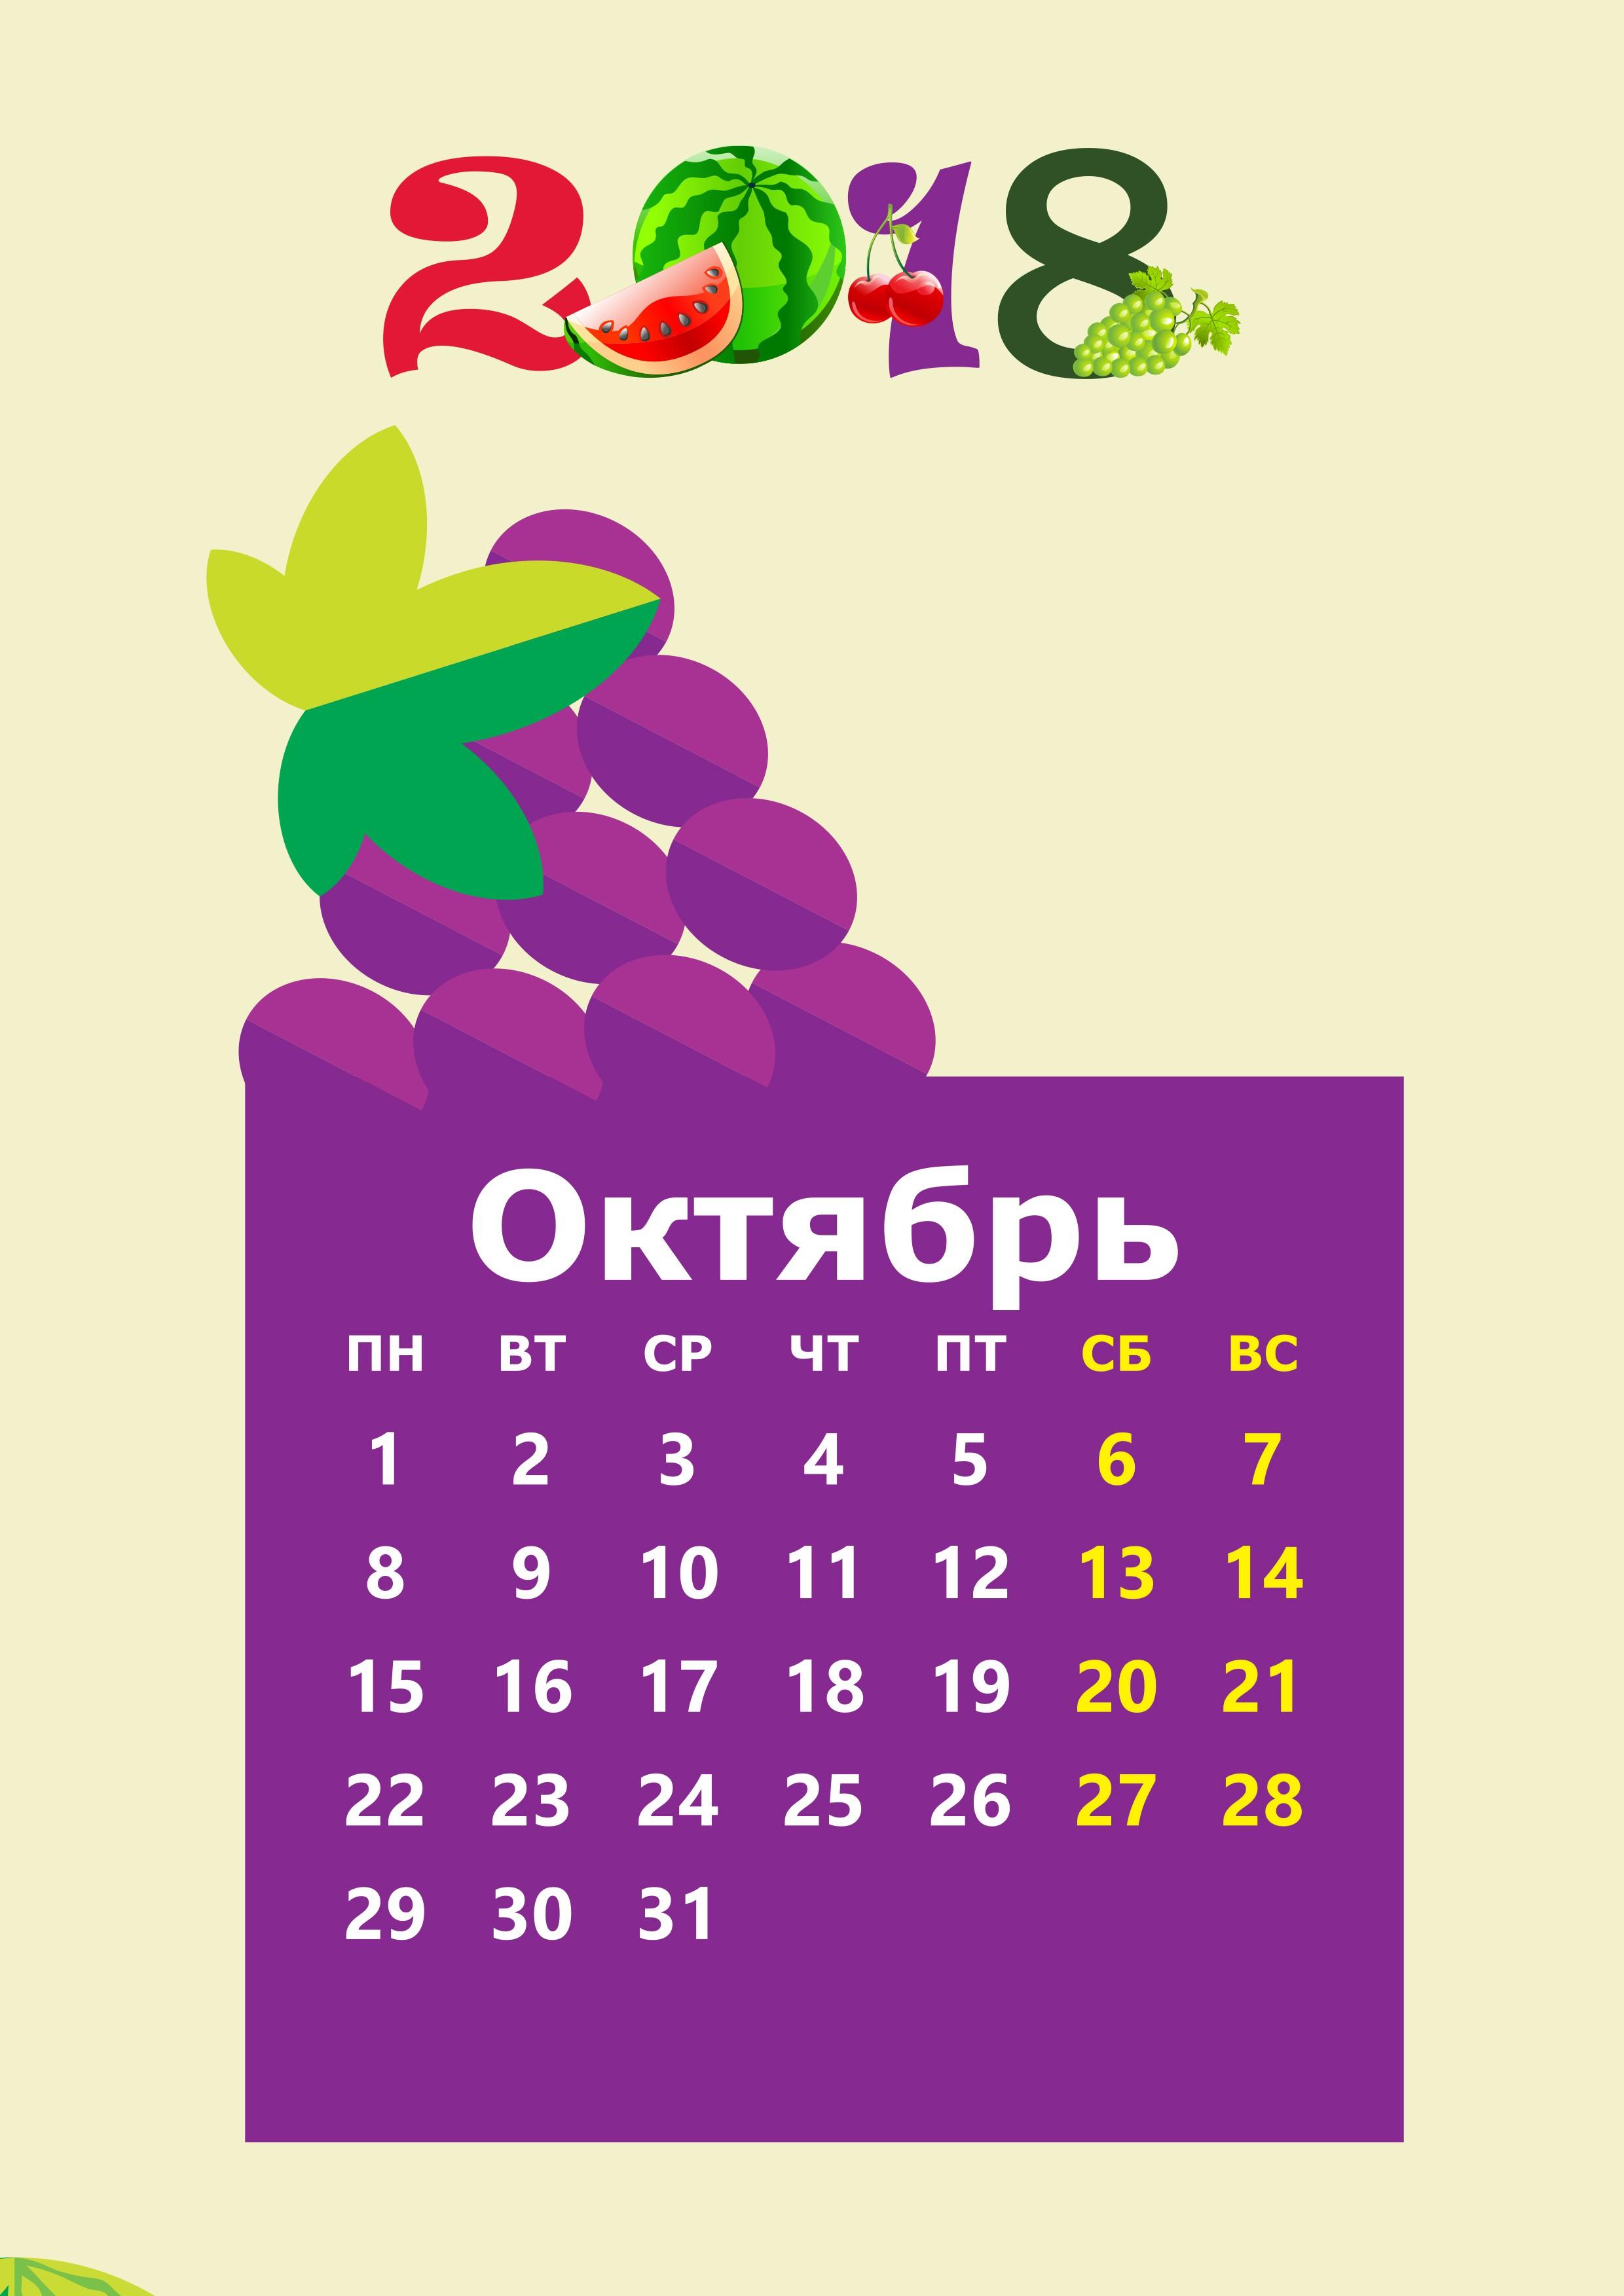 Календарь праздников на октябрь 2018